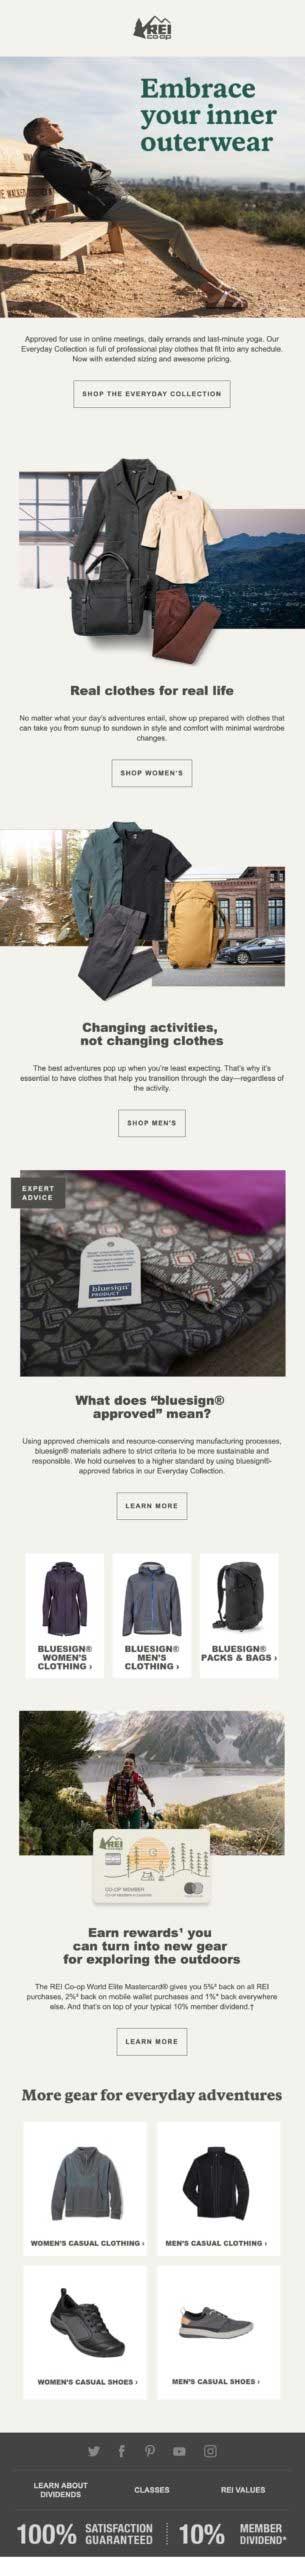 Рекламная рассылка от интернет-магазина REI с демонстрацией мужской одежды